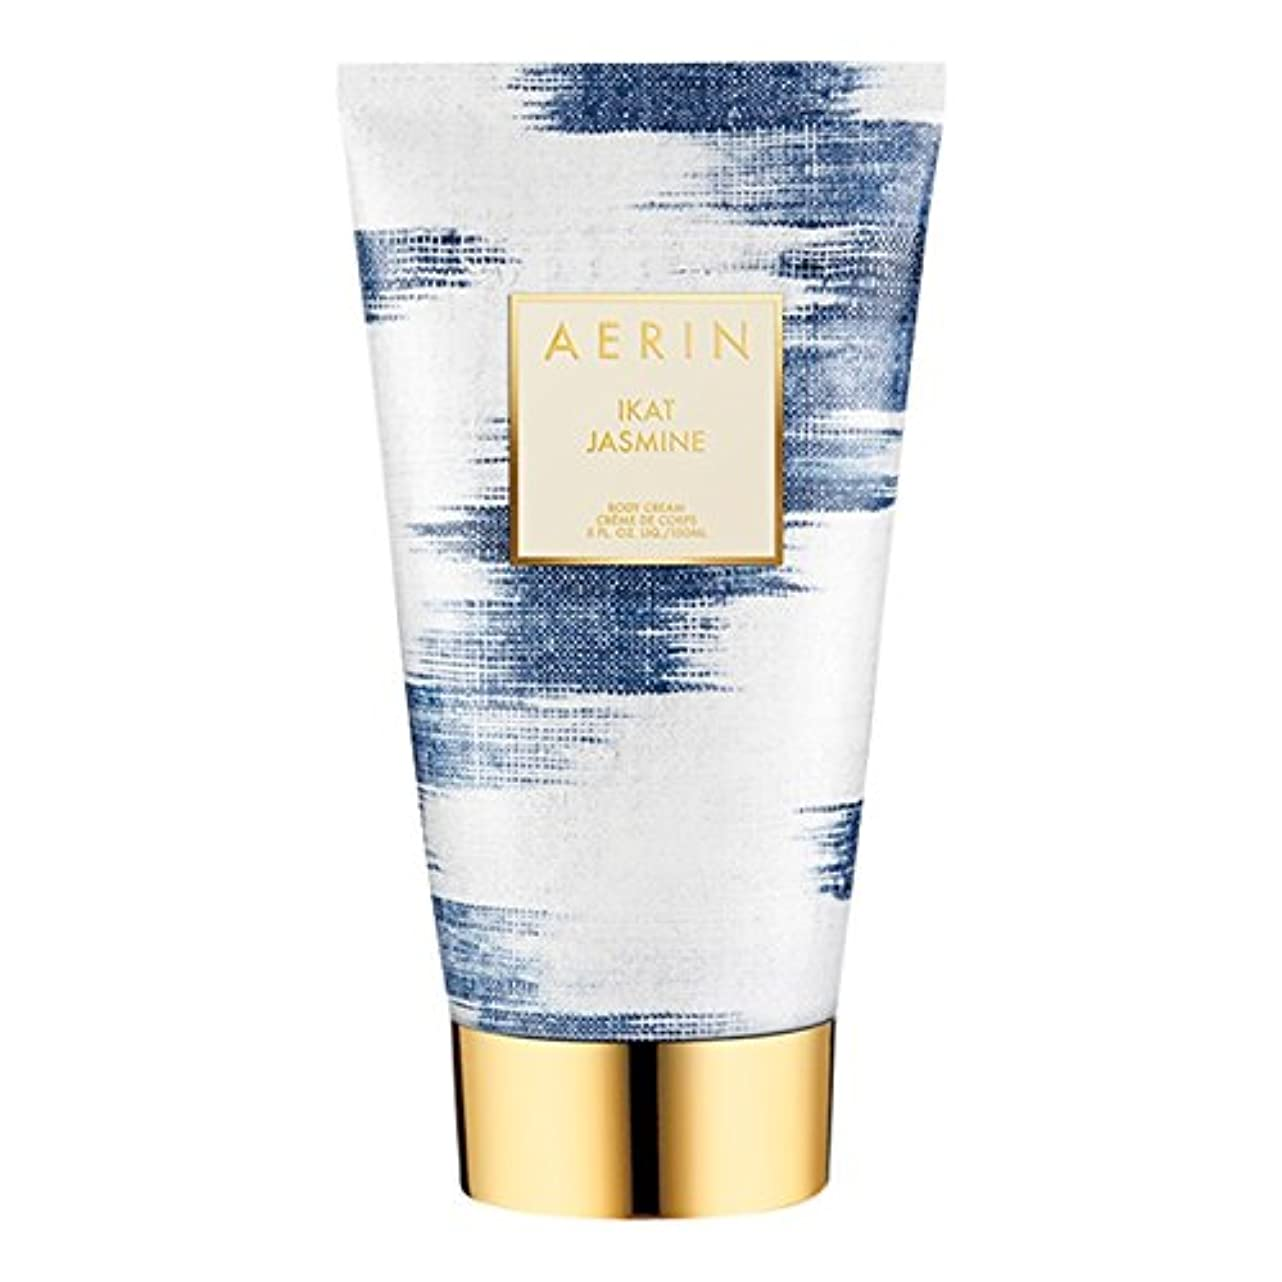 マルクス主義者センチメートル解明Aerinイカットジャスミンボディクリーム150ミリリットル (AERIN) - AERIN Ikat Jasmine Body Cream 150ml [並行輸入品]